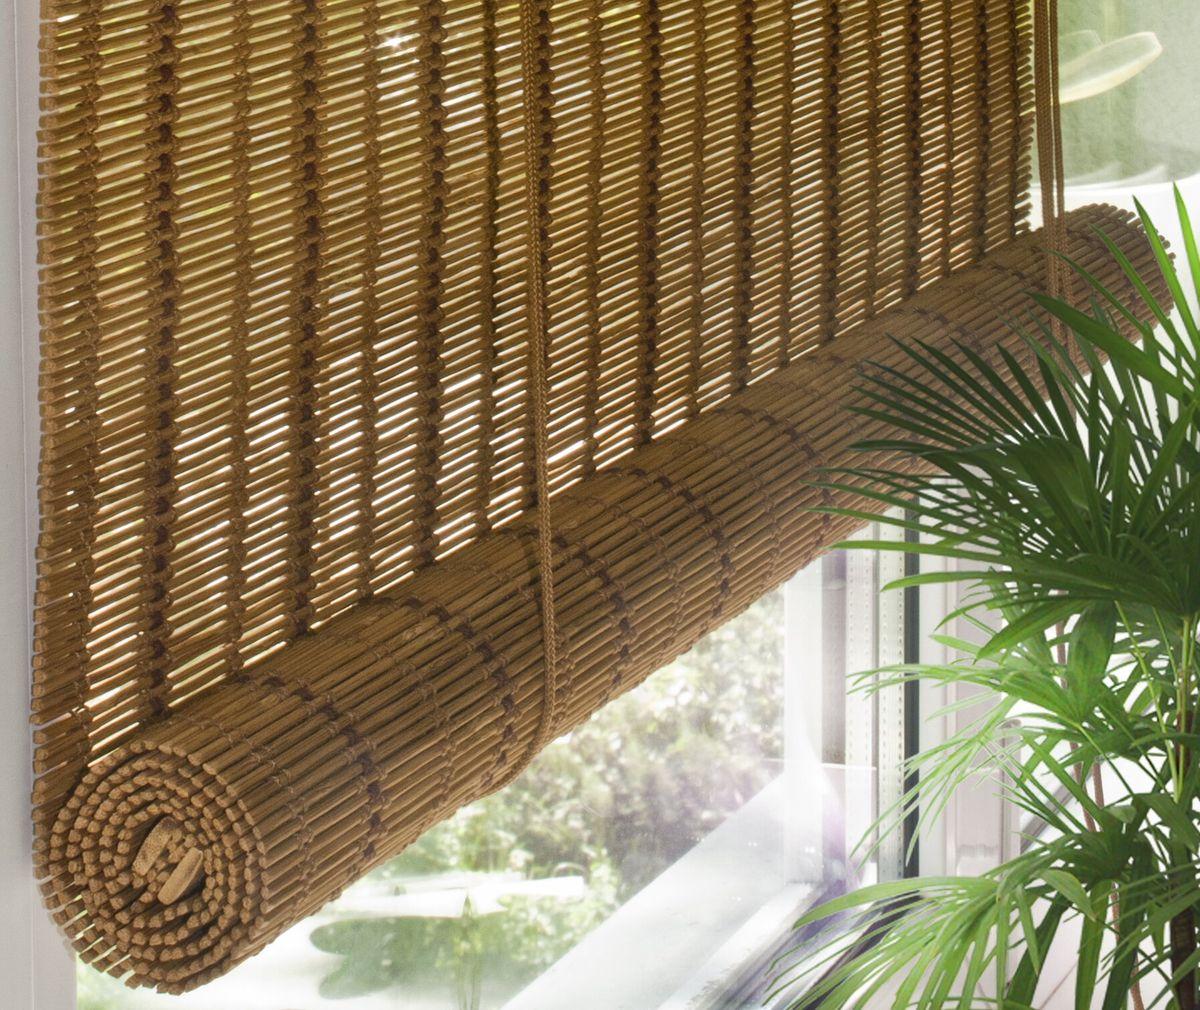 Штора рулонная Эскар Бамбук, цвет: медный, ширина 160 см, высота 160 см304945037160При оформлении интерьера современных помещений многие отдают предпочтение природным материалам. Бамбуковые рулонные шторы - одно из натуральных изделий, способное сделать атмосферу помещения более уютной и в то же время необычной. Свойства бамбука уникальны: он экологически чист, так как быстро вырастает, благодаря чему не успевает накопить вредные вещества из окружающей среды. Кроме того, растение обладает противомикробным и антибактериальным действием. Занавеси из бамбука безопасно использовать в помещениях, где находятся новорожденные дети и люди, склонные к аллергии. Они незаменимы для тех, кто заботится о своем здоровье и уделяет внимание высокому уровню жизни.Бамбуковые рулонные шторы представляют собой полотно, состоящее из тонких бамбуковых стеблей и сворачиваемое в рулон.Римские бамбуковые шторы, как и тканевые римские шторы, при поднятии образуют крупные складки, которые прекрасно декорируют окно.Особенность устройства полотна позволяет свободно пропускать дневной свет, что обеспечивает мягкое освещение комнаты. Это натуральный влагостойкий материал, который легко вписывается в любой интерьер, хорошо сочетается с различной мебелью и элементами отделки. Использование бамбукового полотна придает помещению необычный вид и визуально расширяет пространство.Помимо внешней красоты, это еще и очень удобные конструкции, экономящие пространство. Изготавливаются они из специальных материалов, устойчивых к внешним воздействиям. Сама штора очень эргономичная, и позволяет изменять визуально пространство в зависимости от потребностей владельца.